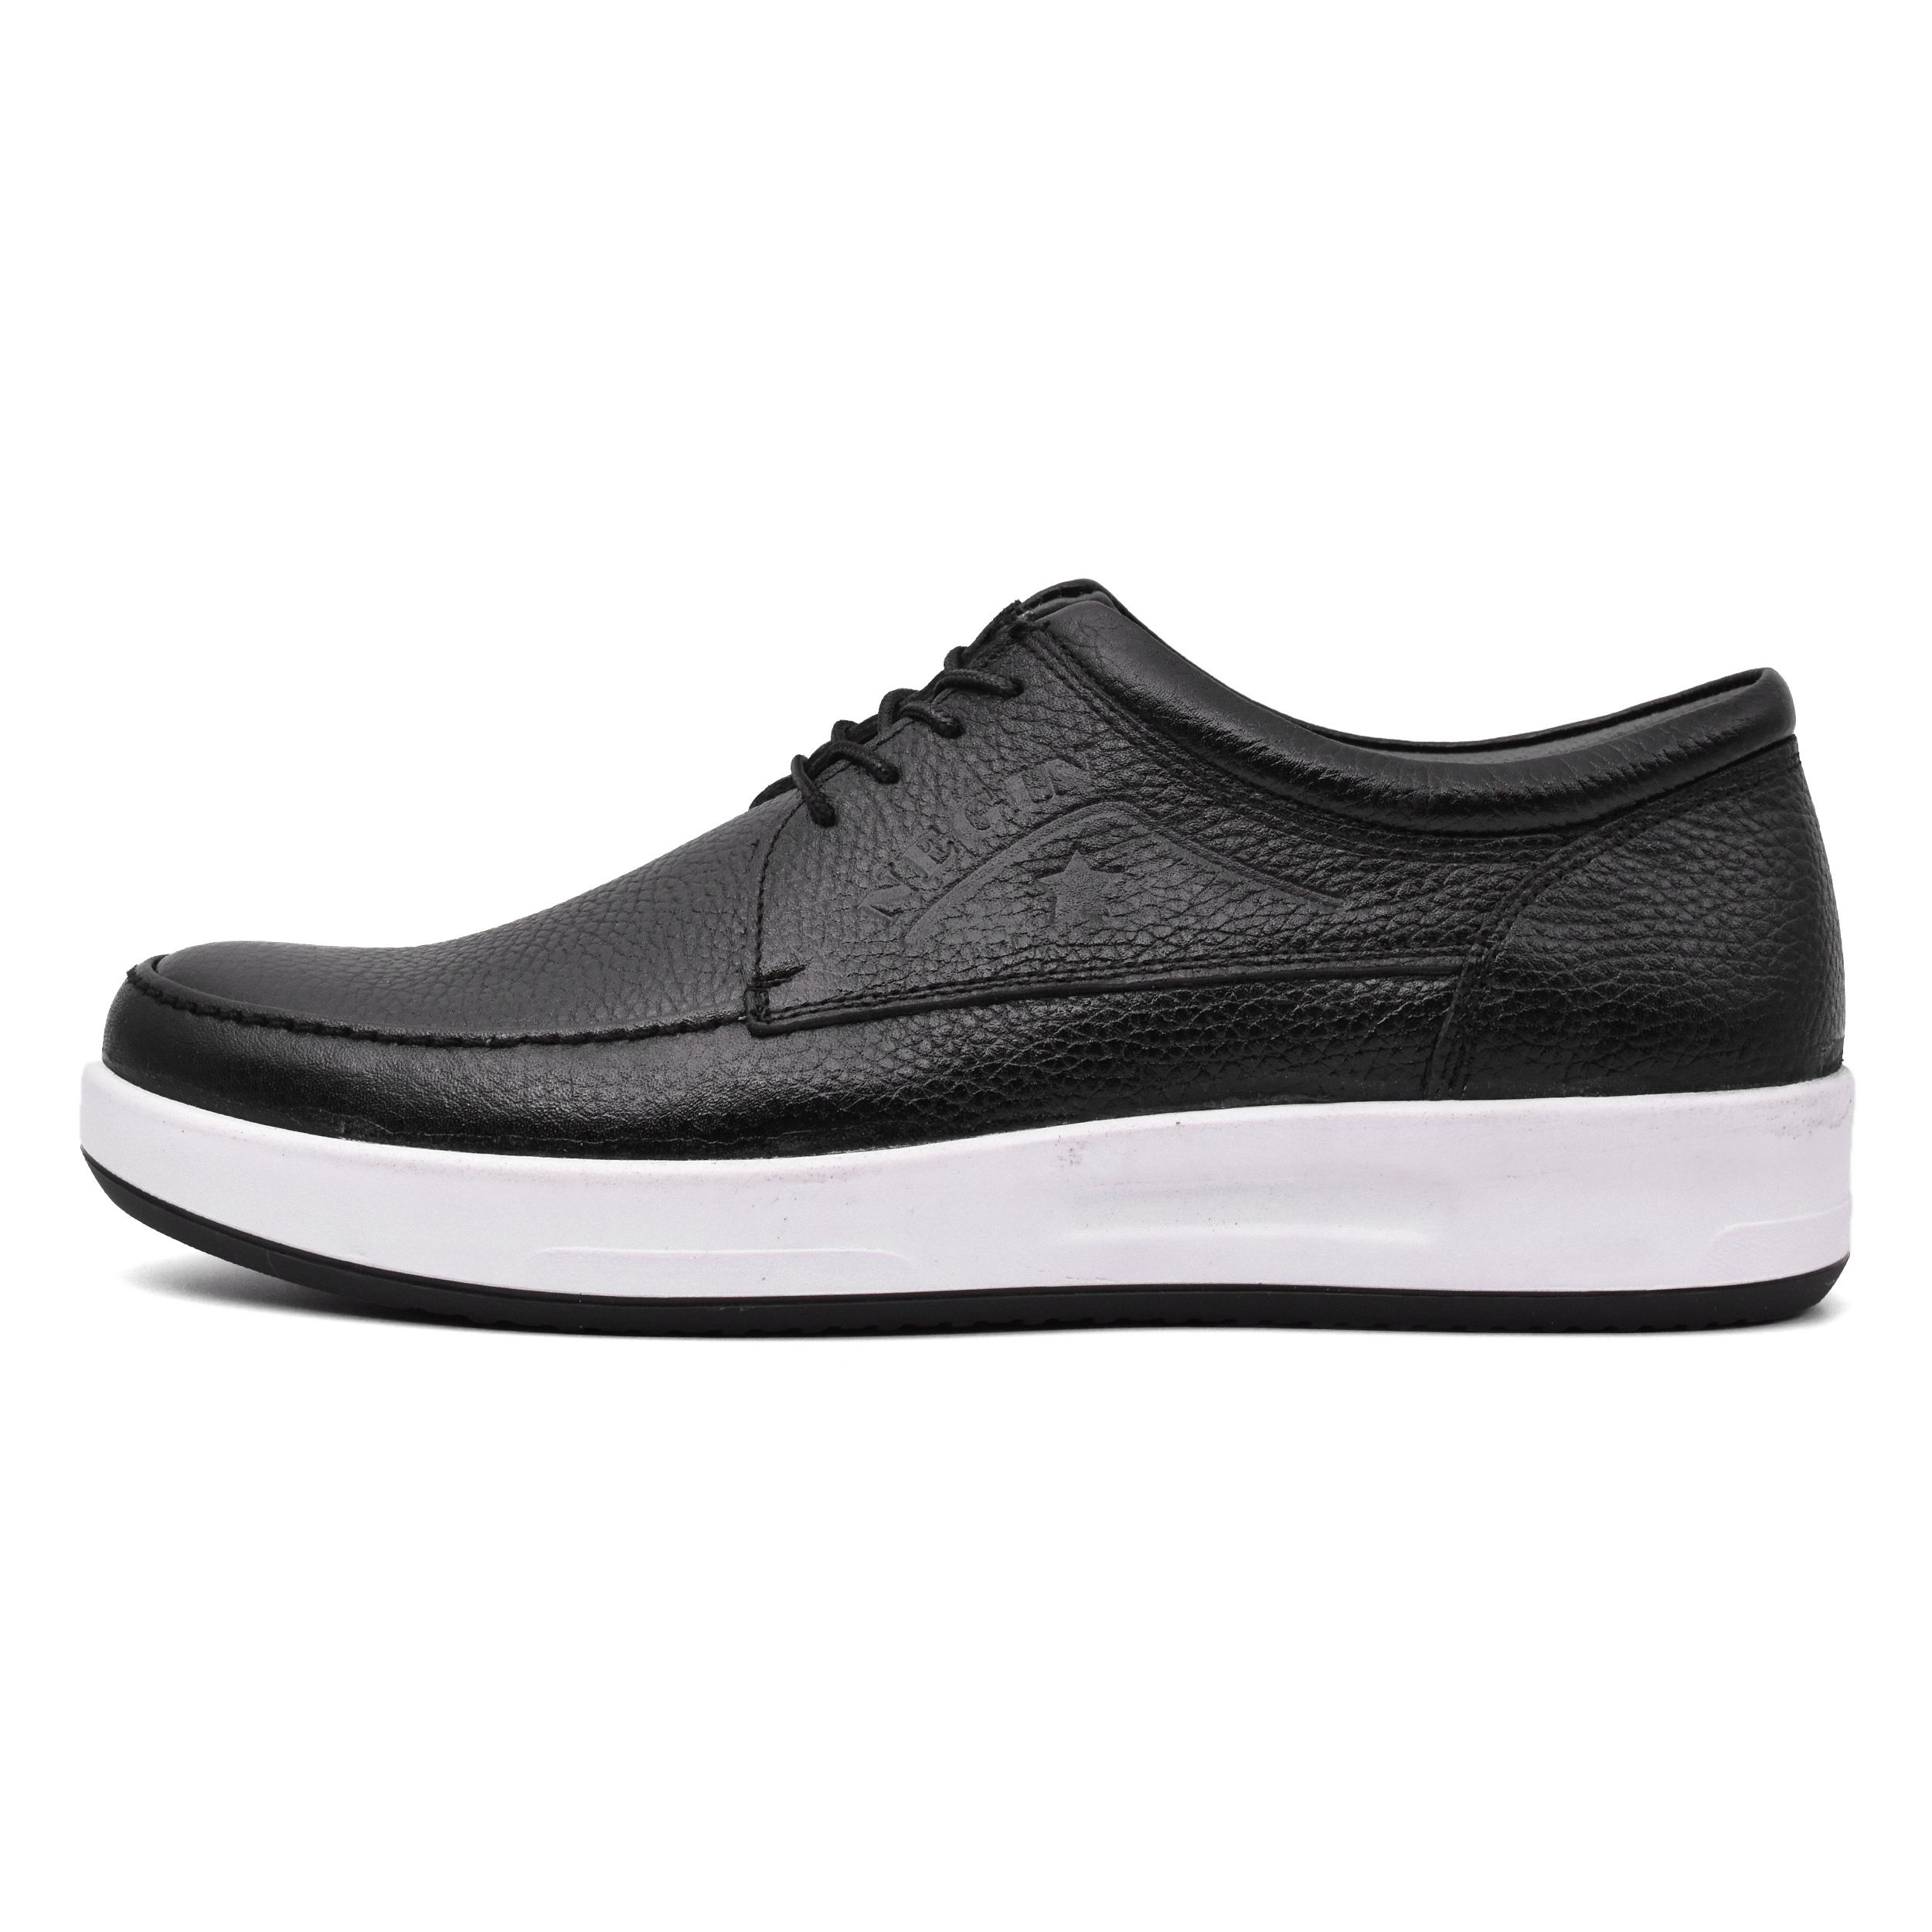 کفش روزمره مردانه نگین مدل برلیانت کد 5965